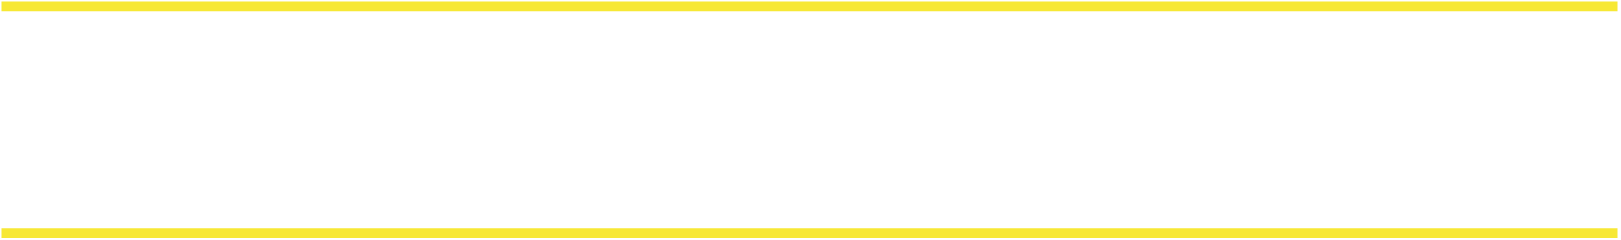 SGBSB.de/DIGITAL